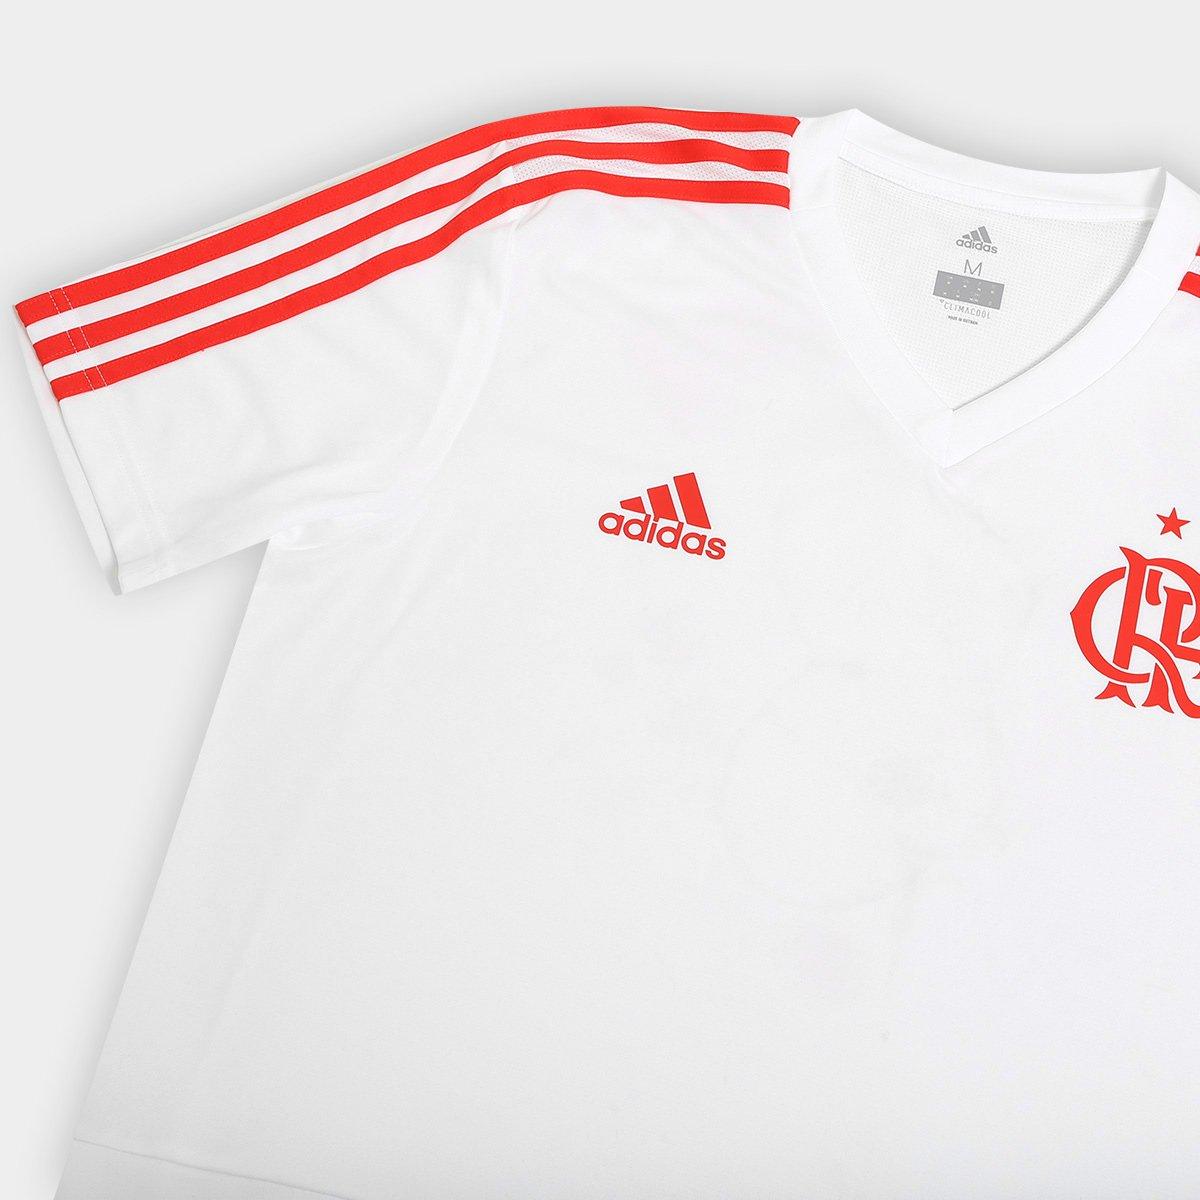 54baab078b Camisa Flamengo Treino Adidas Masculina - Branco - Compre Agora ...